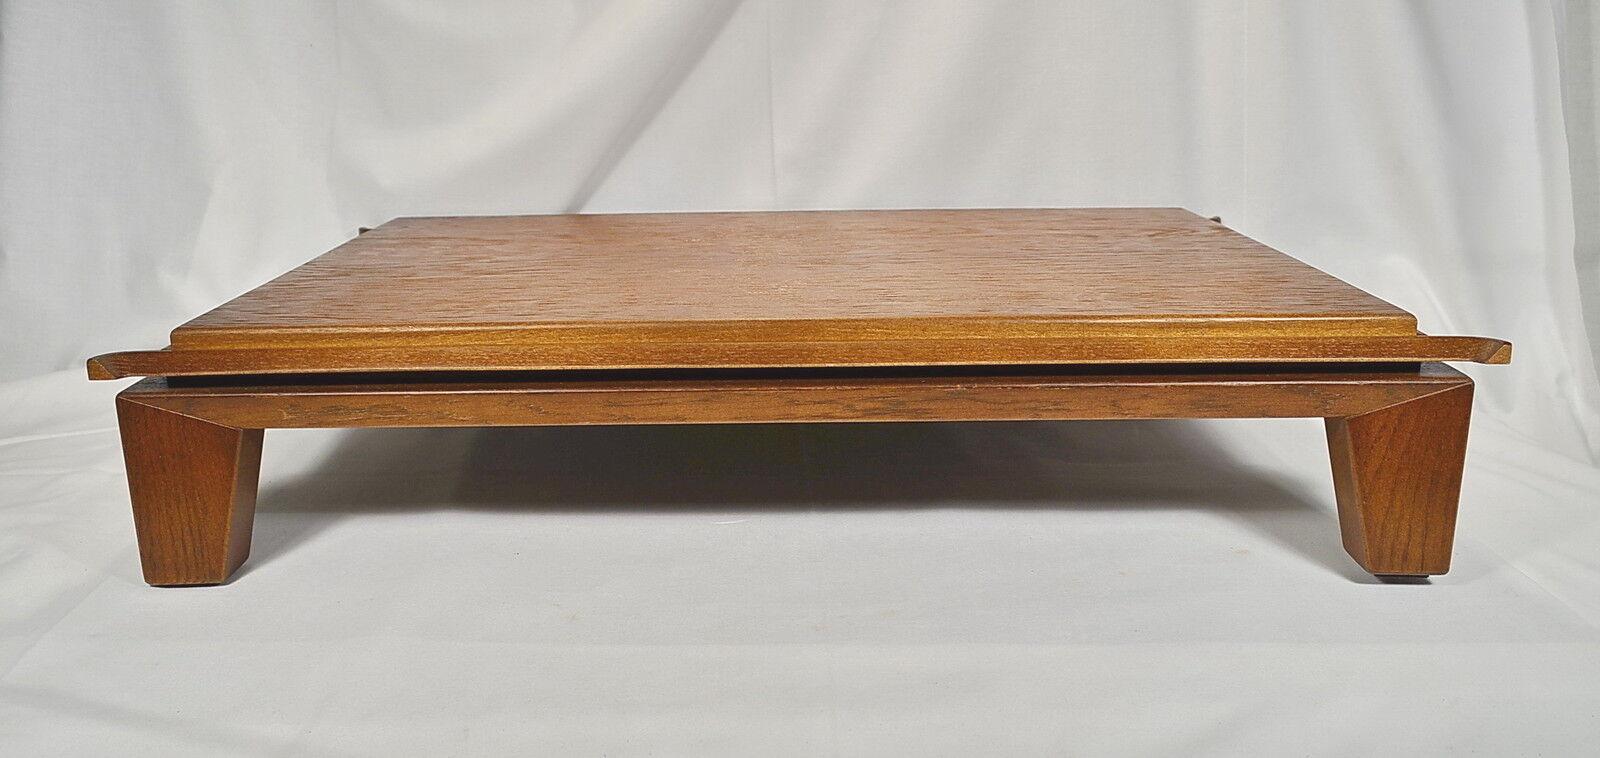 BONSAI presentazione tavolo MASSELLO ALLUNGABILE BONSAI tavolo handmade pezzo unico 60-40-14